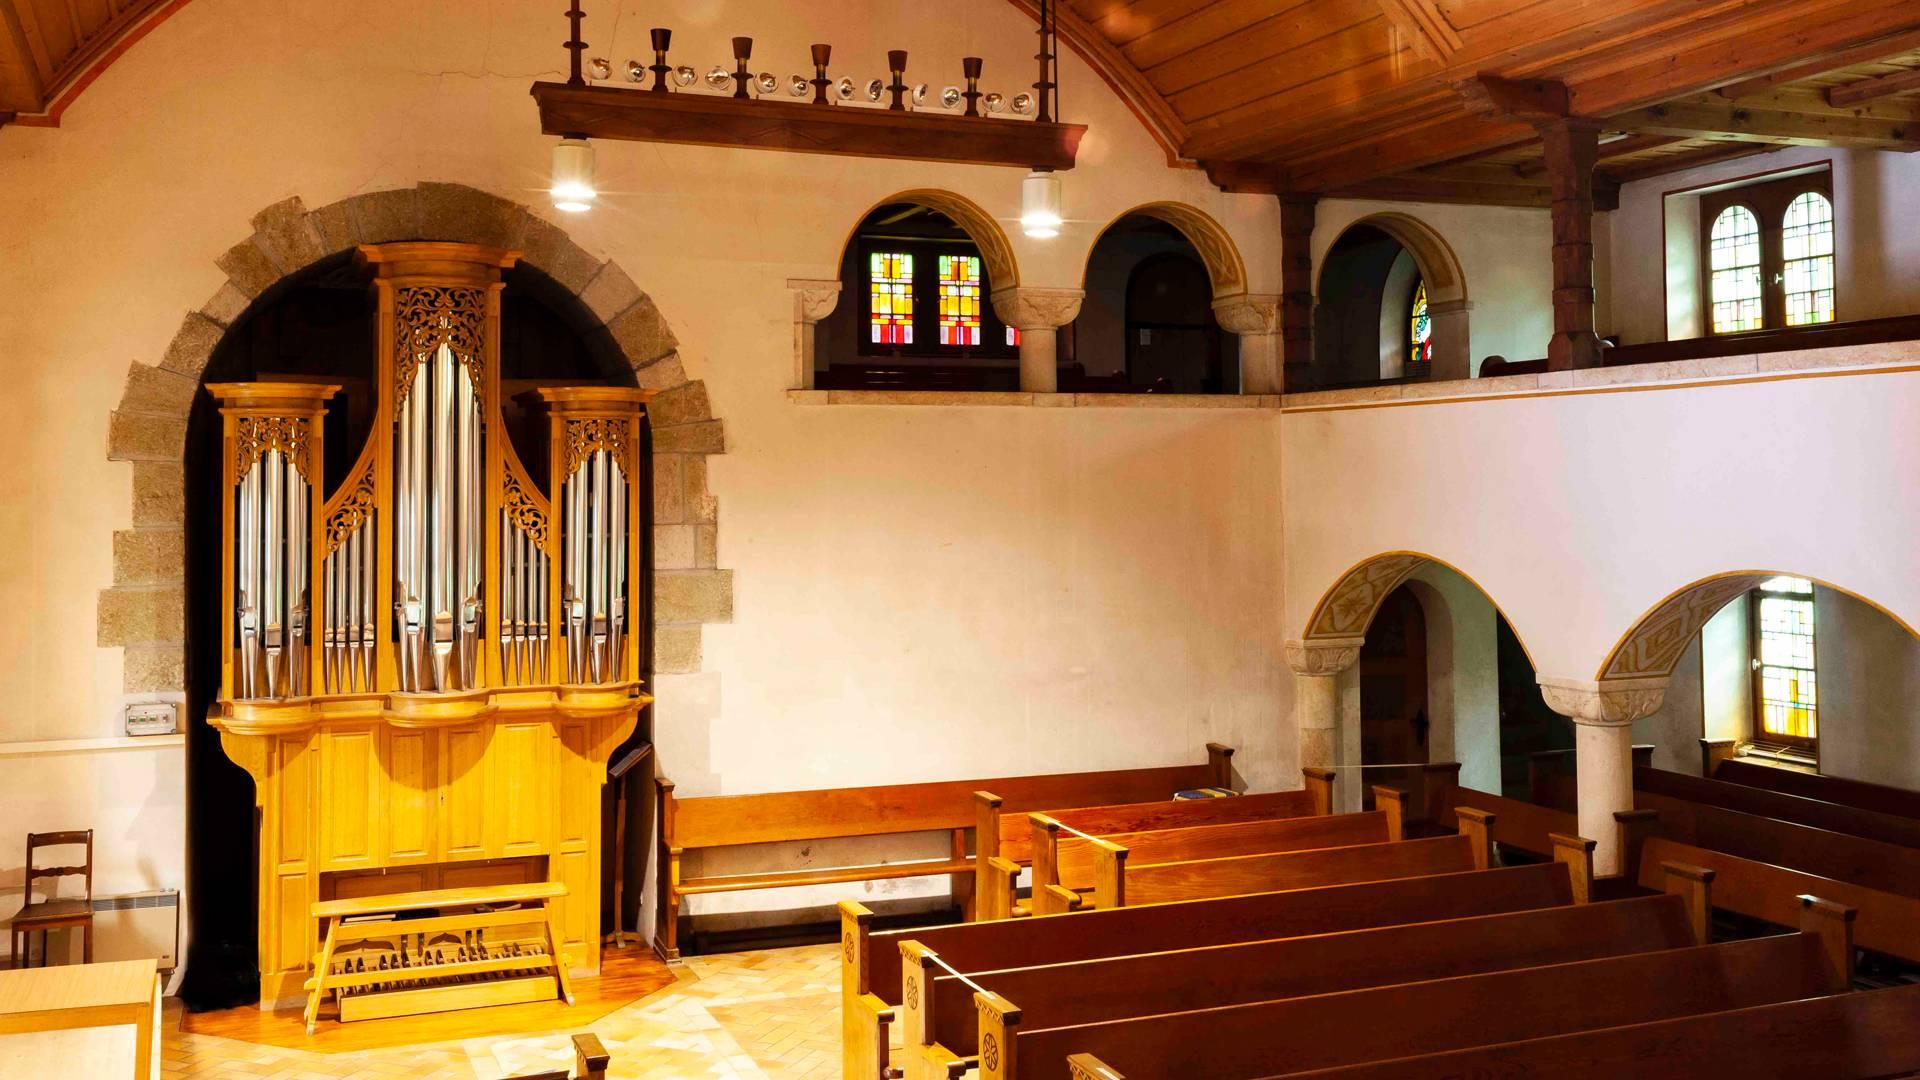 Église réformée de Courtelary © Giona Mottura